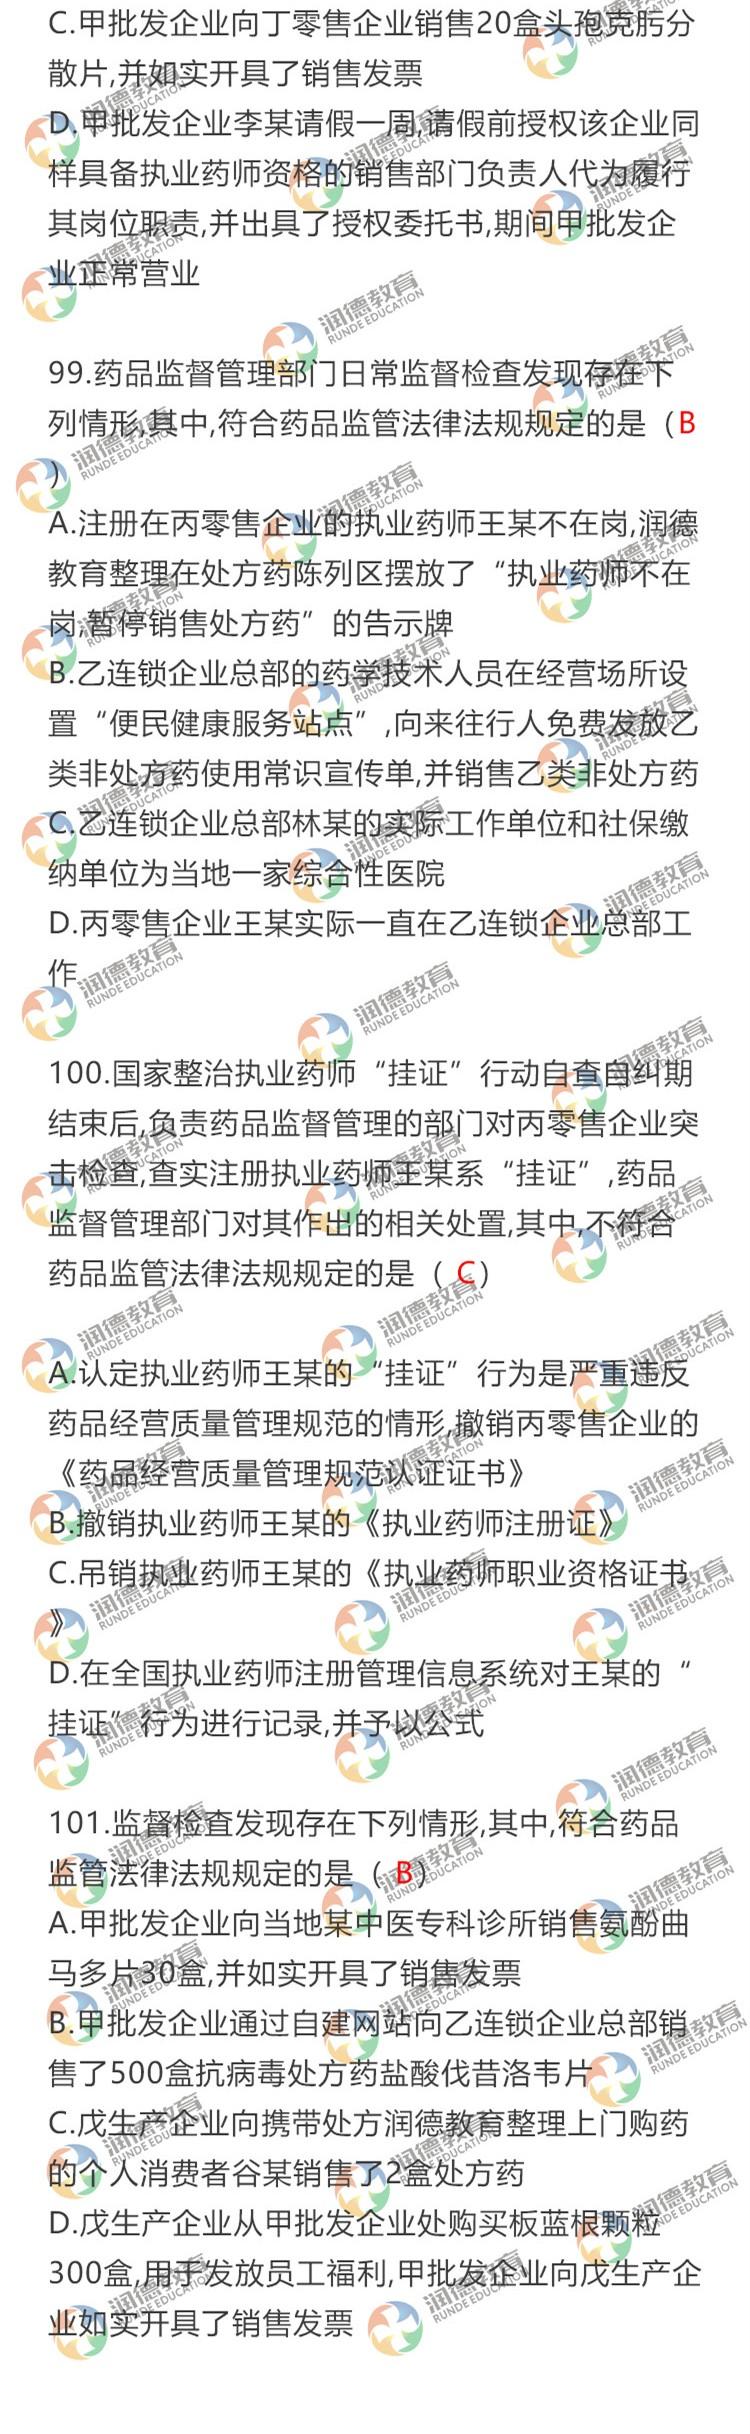 法规101-110.jpg